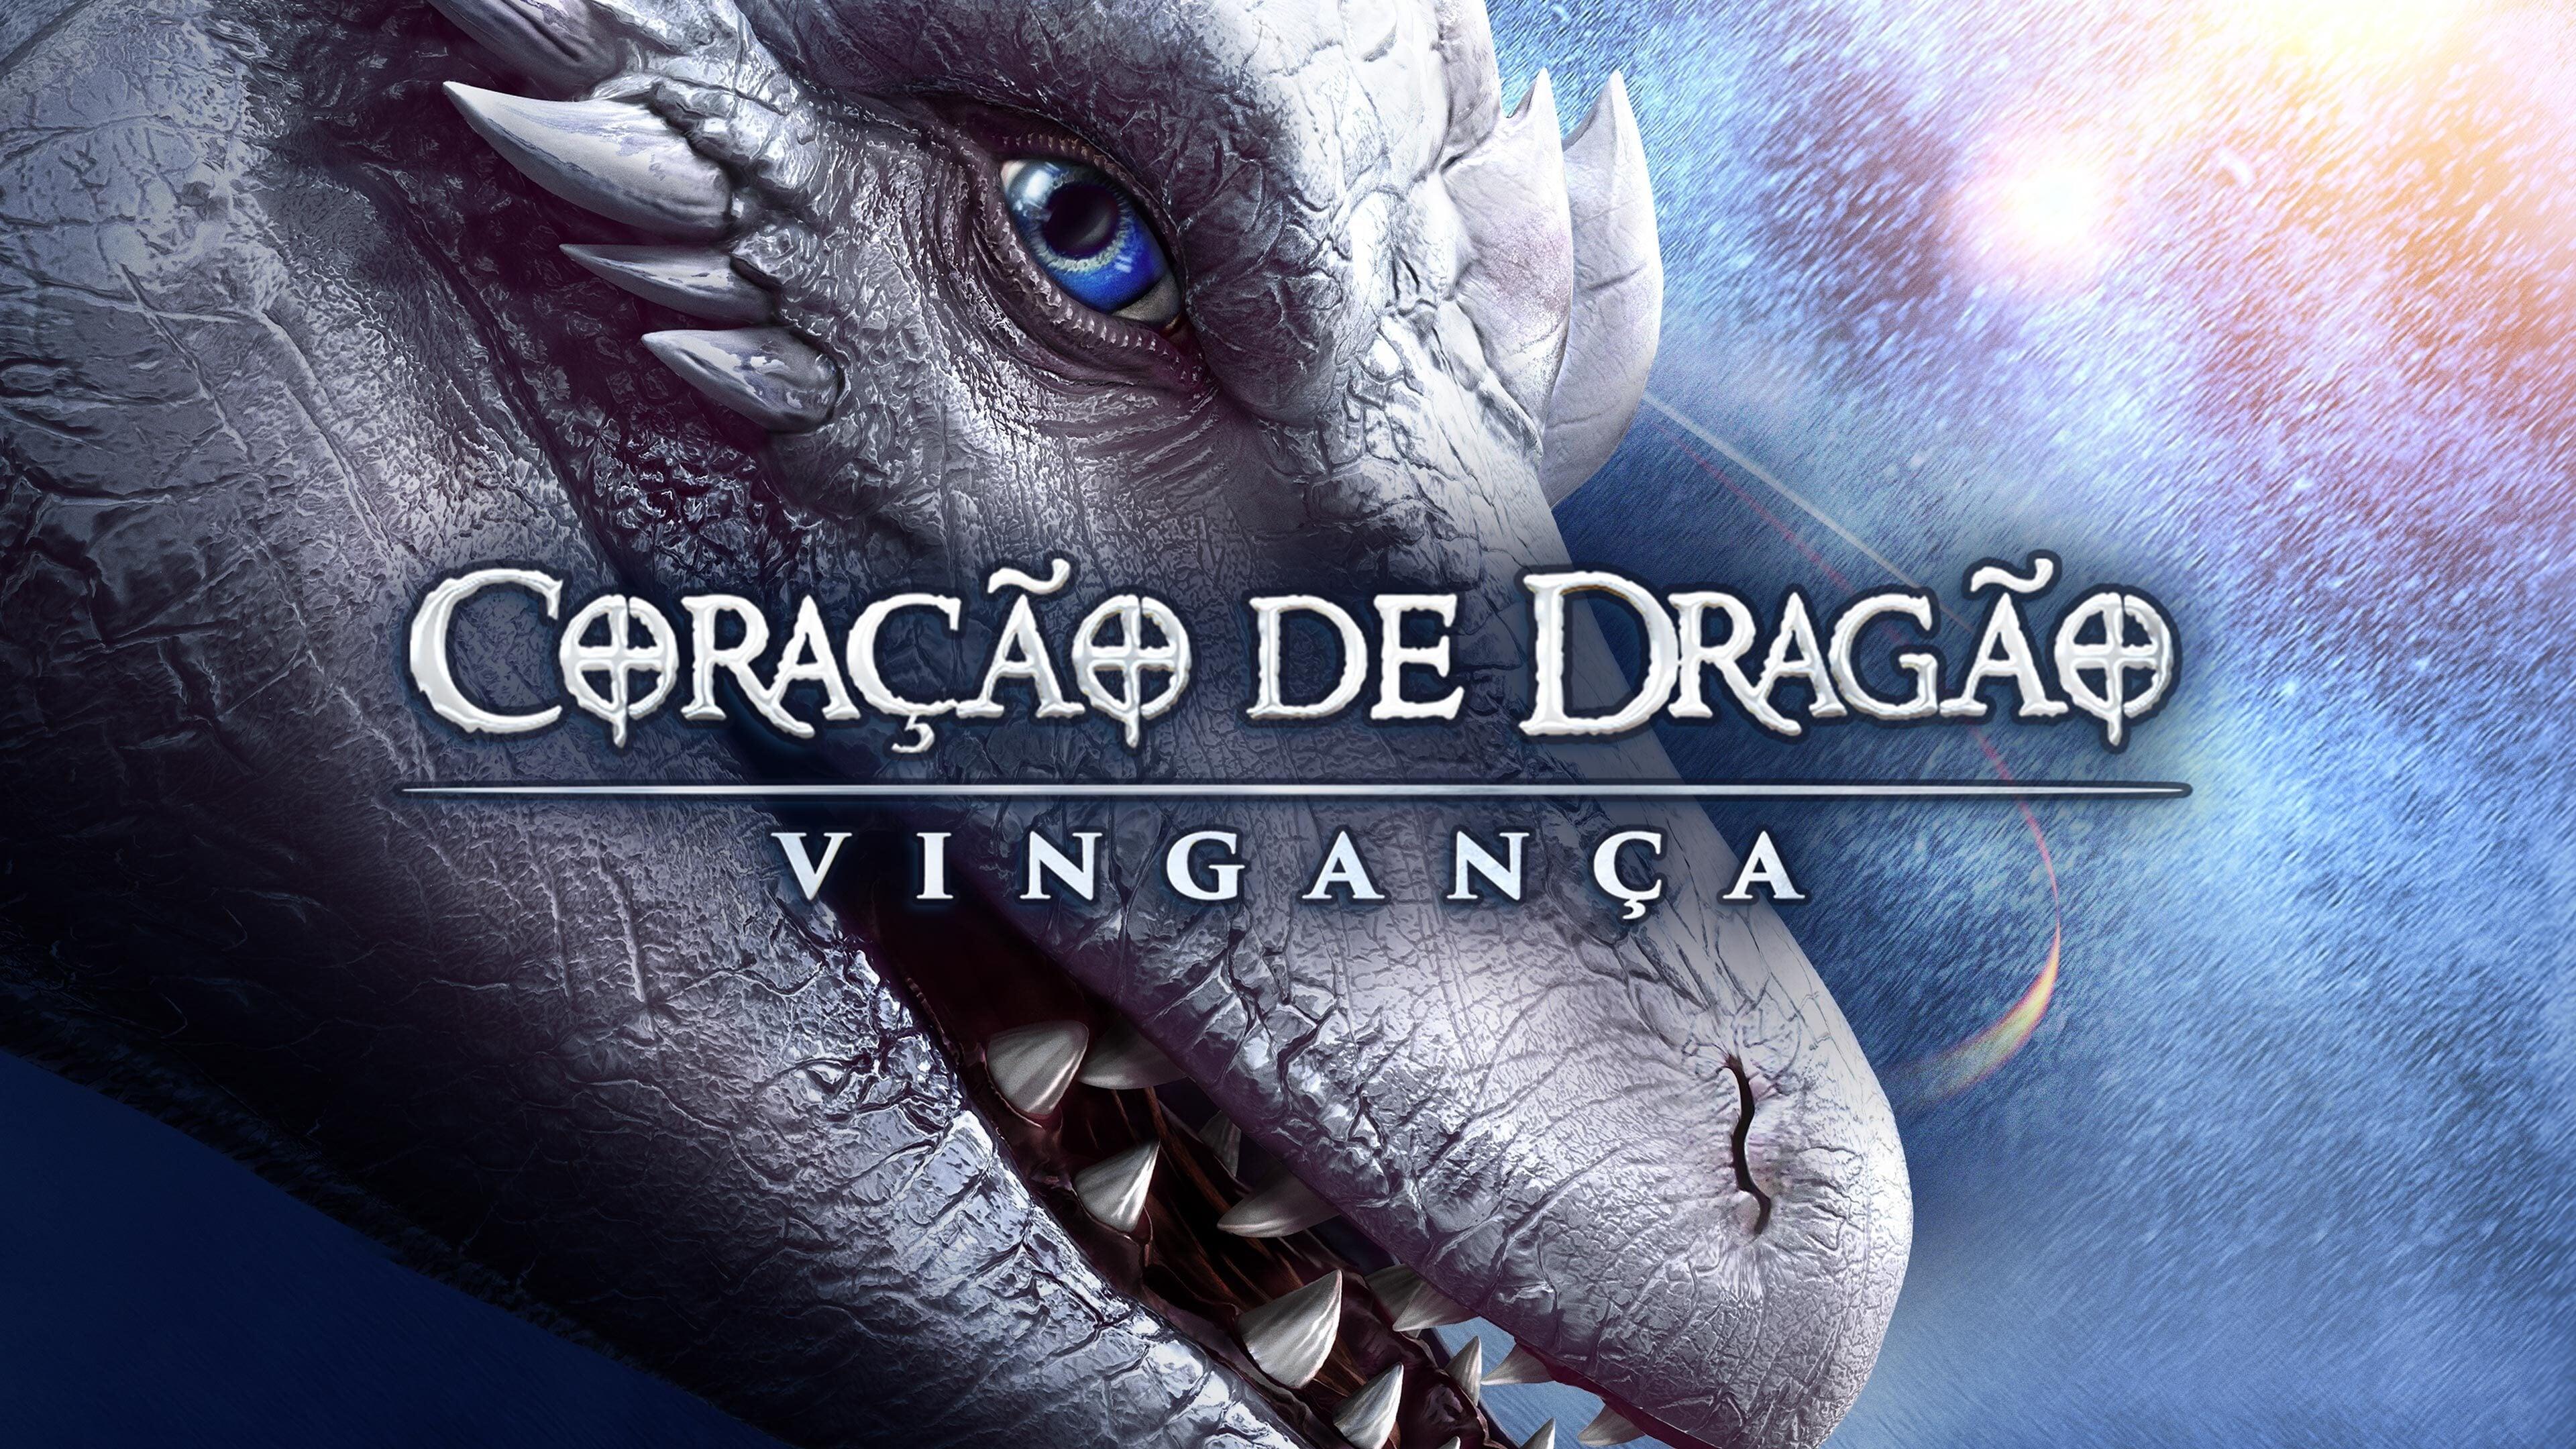 Corazon de dragon: Venganza